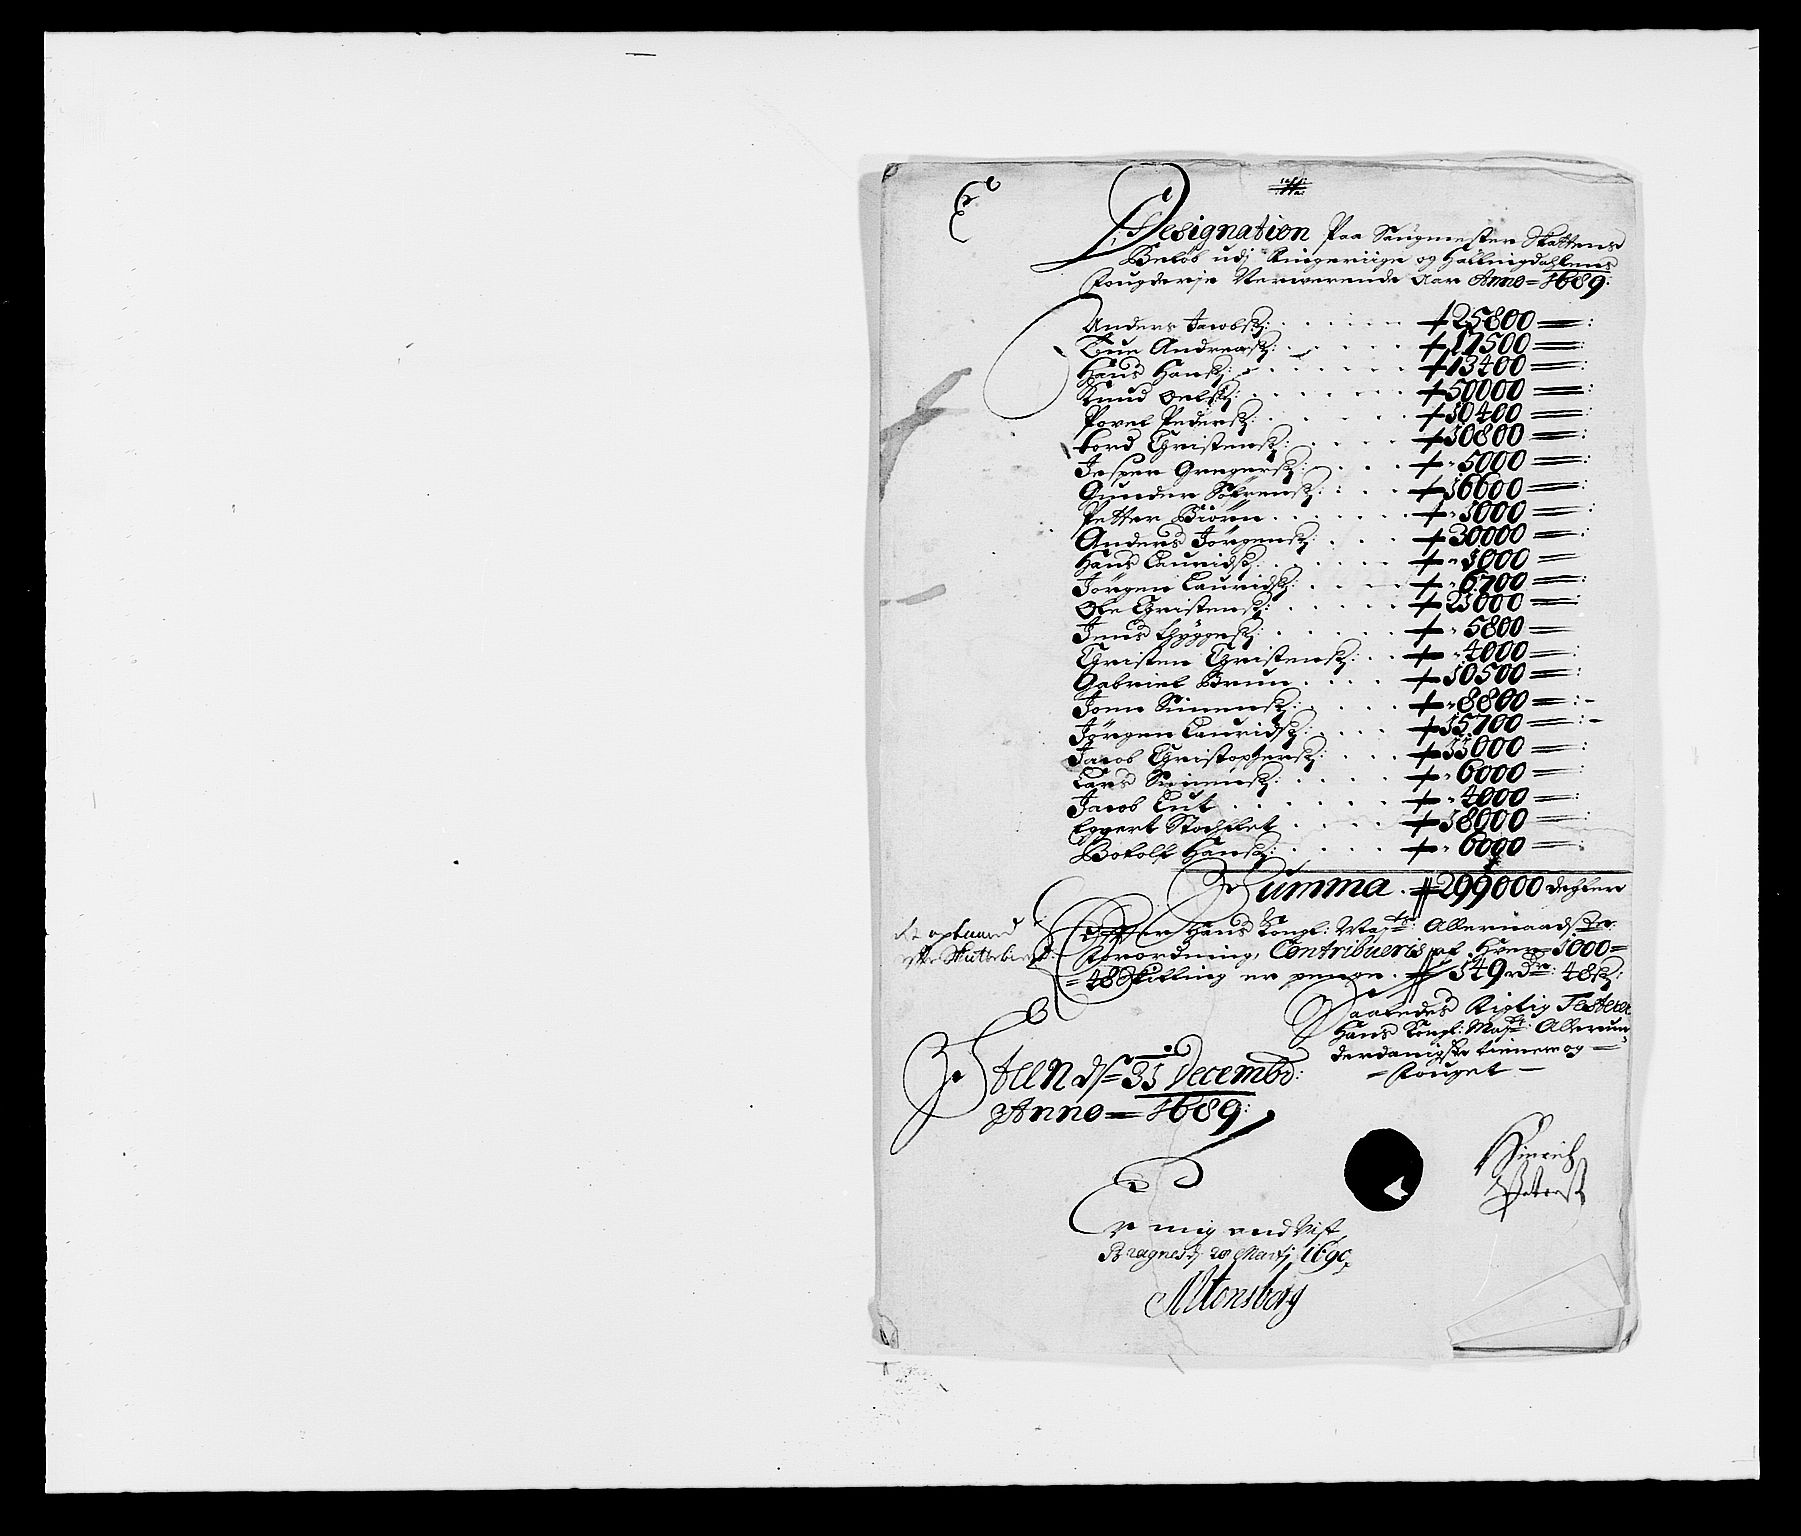 RA, Rentekammeret inntil 1814, Reviderte regnskaper, Fogderegnskap, R21/L1447: Fogderegnskap Ringerike og Hallingdal, 1687-1689, s. 306